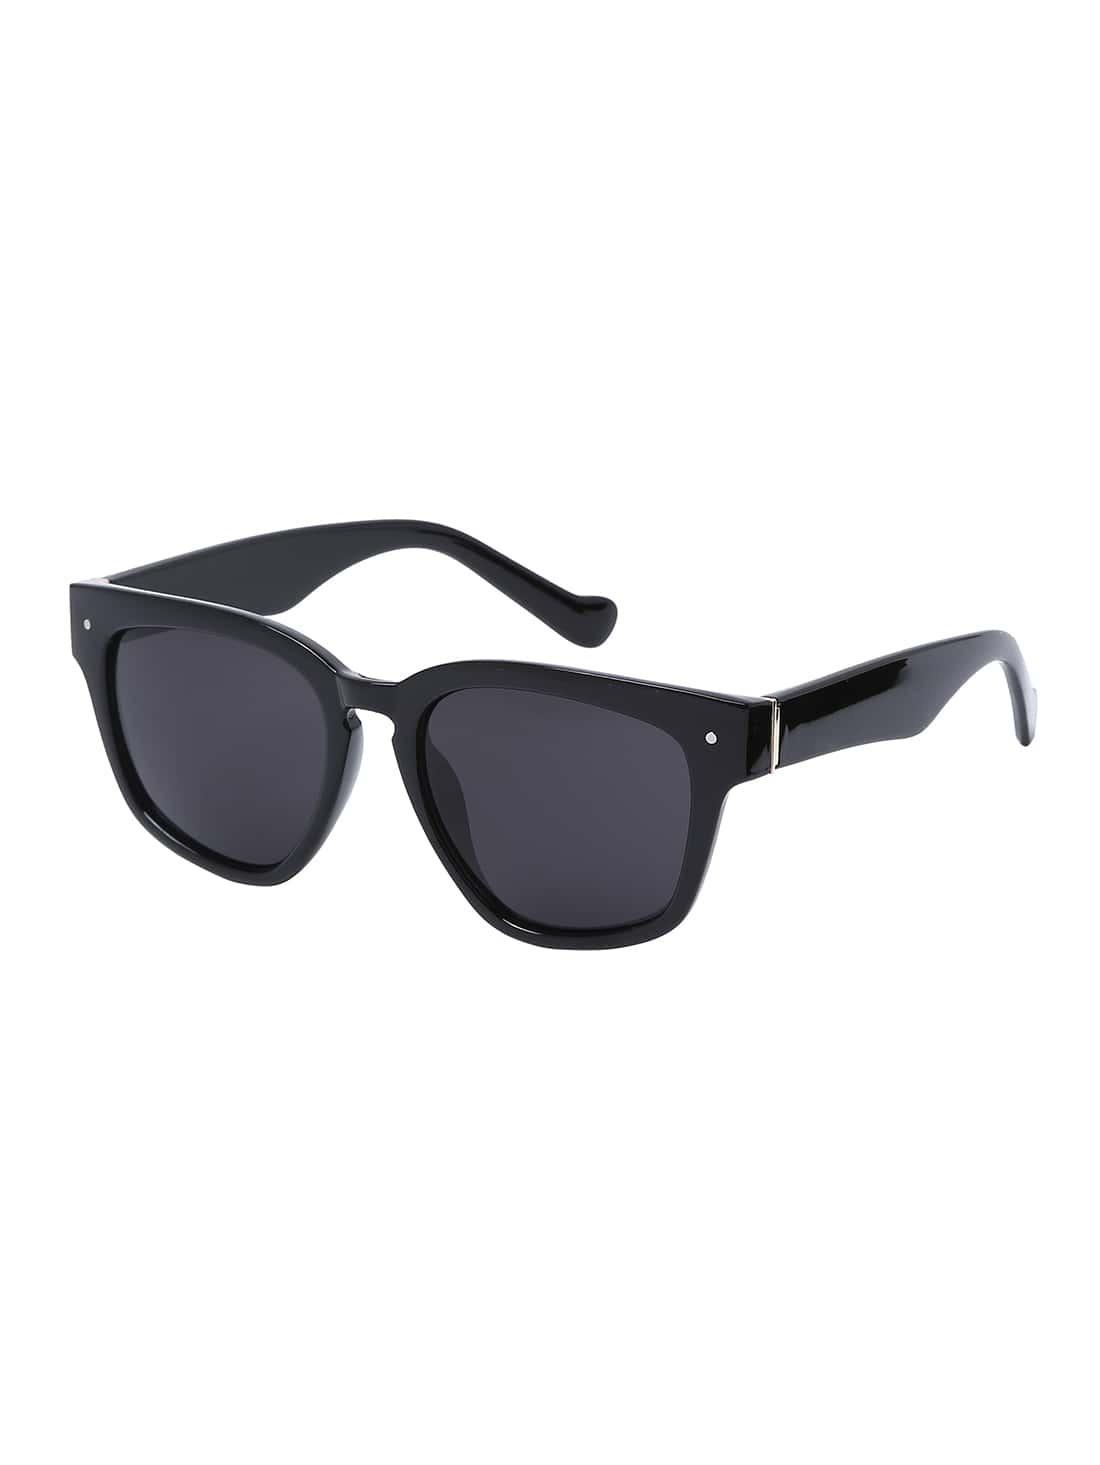 lunettes de soleil grande taille monture carr e noir. Black Bedroom Furniture Sets. Home Design Ideas